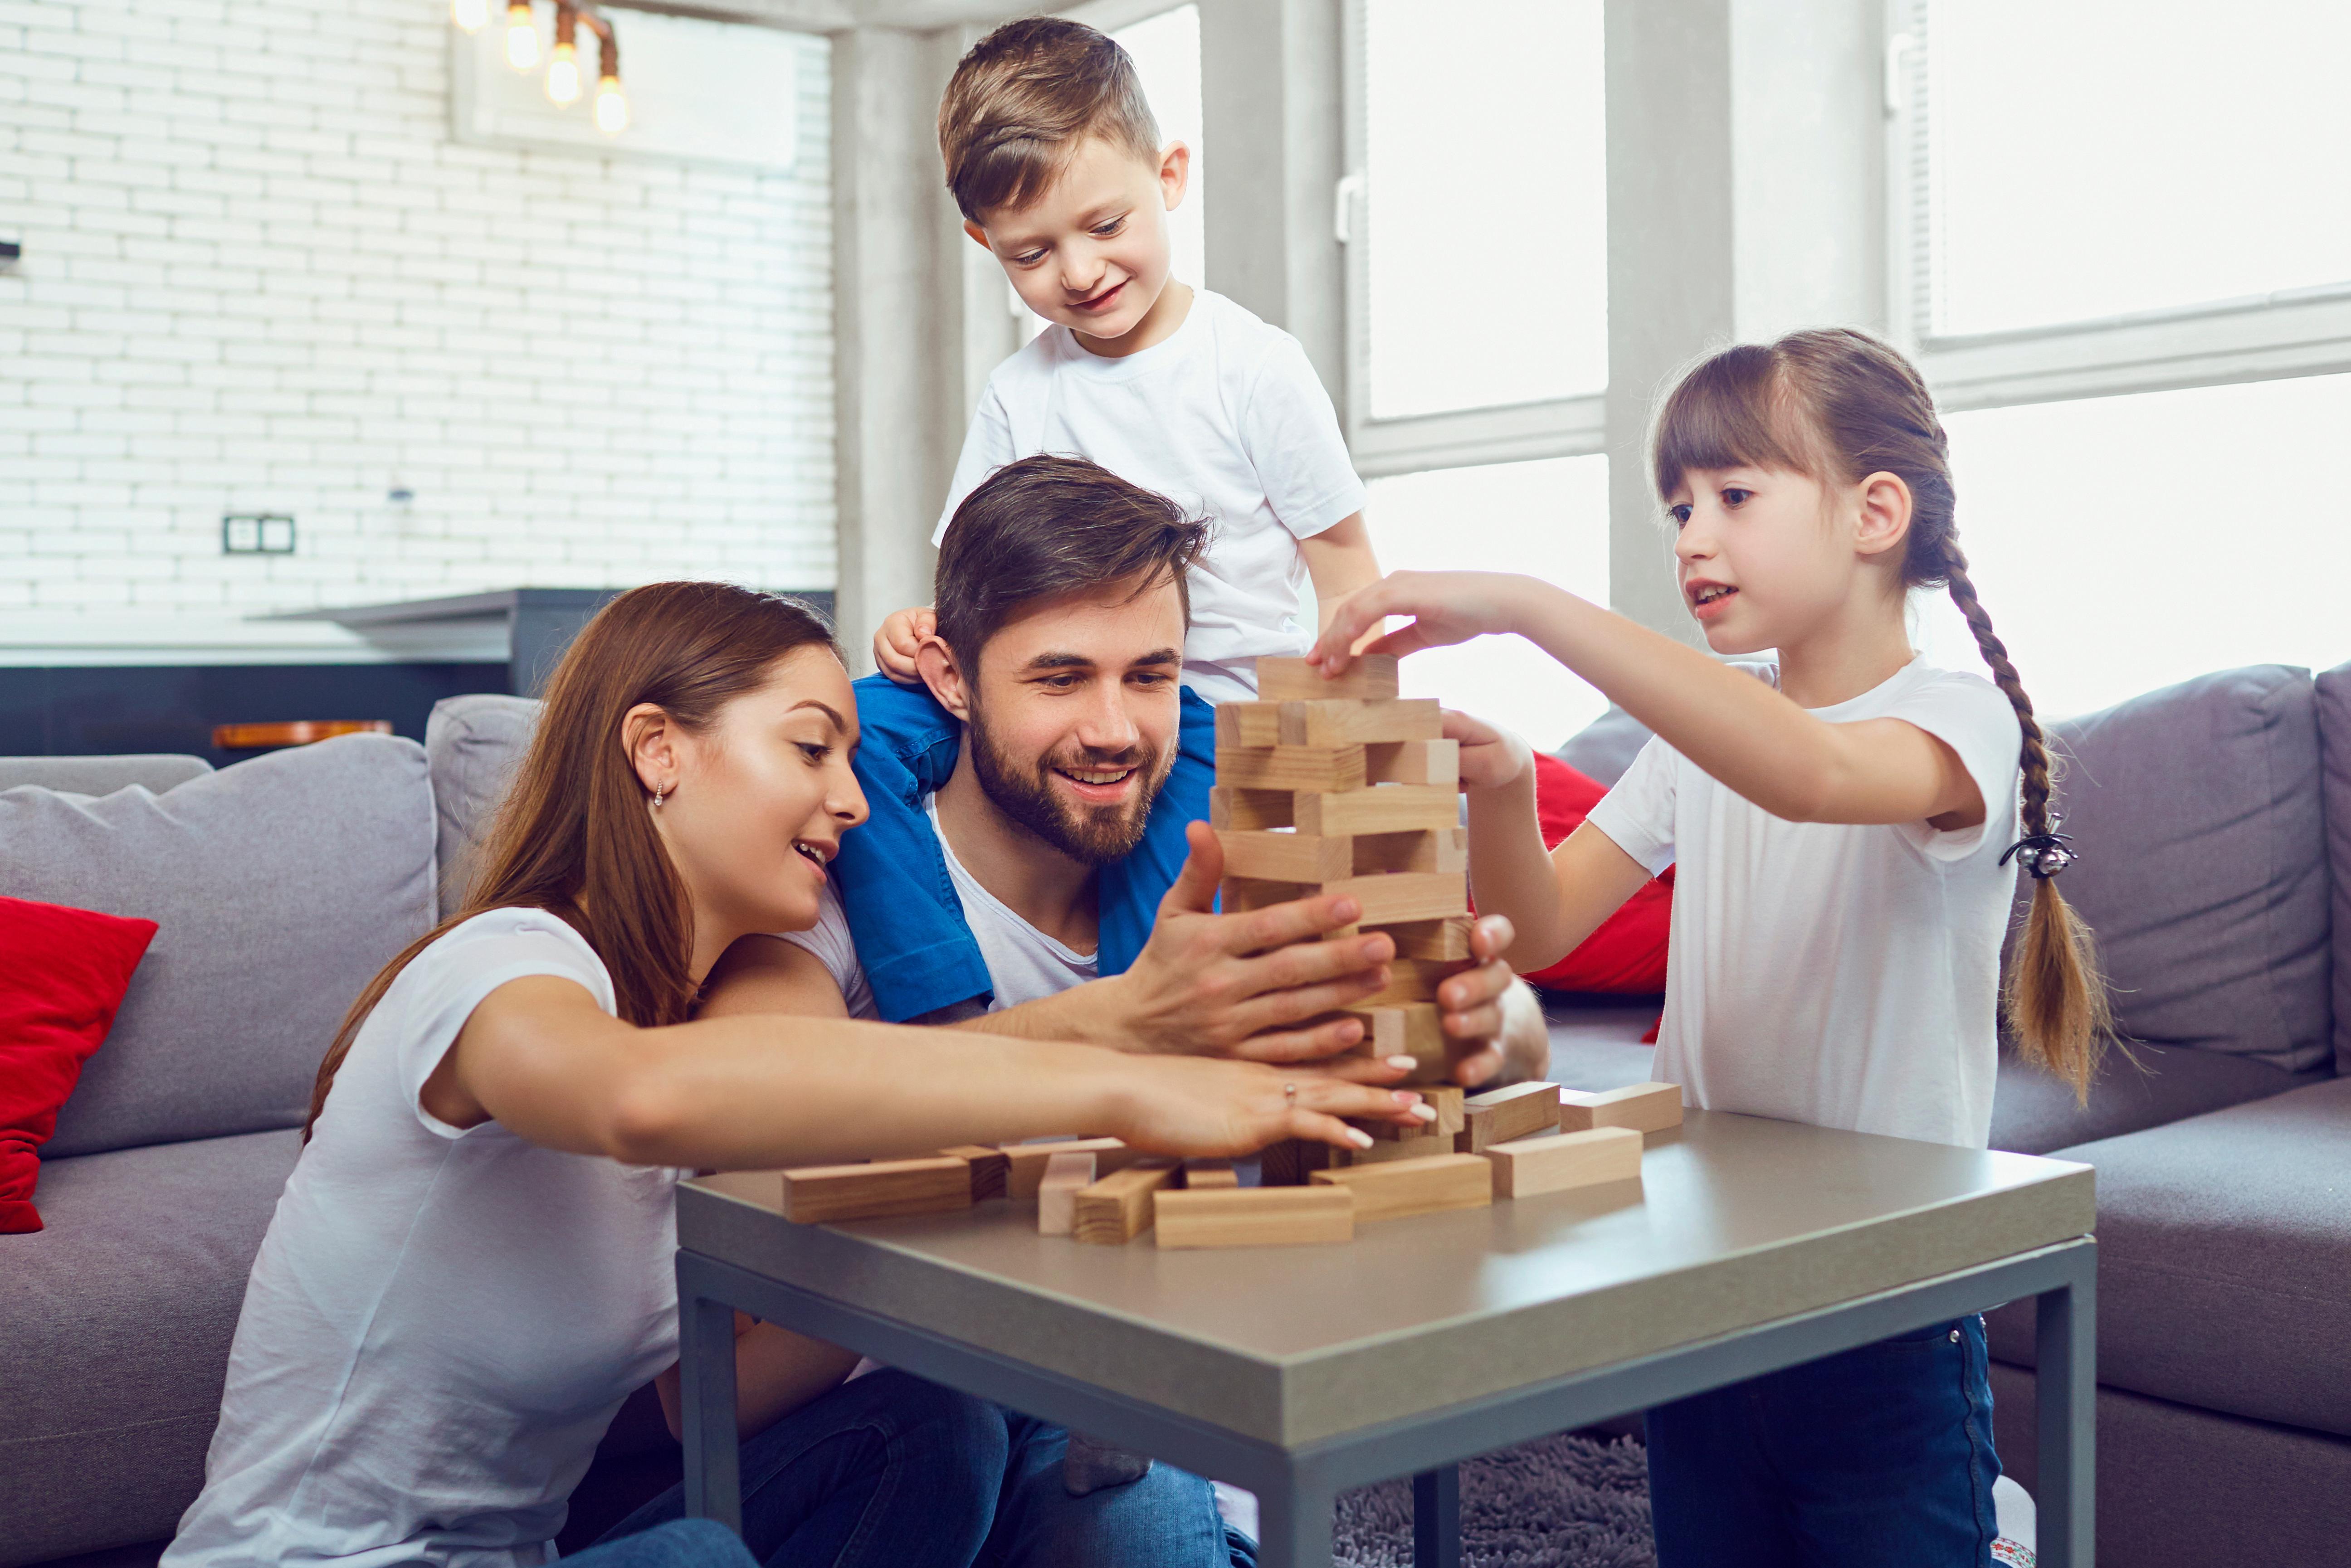 Kako društvene igre mogu utjecati na kvalitetu života